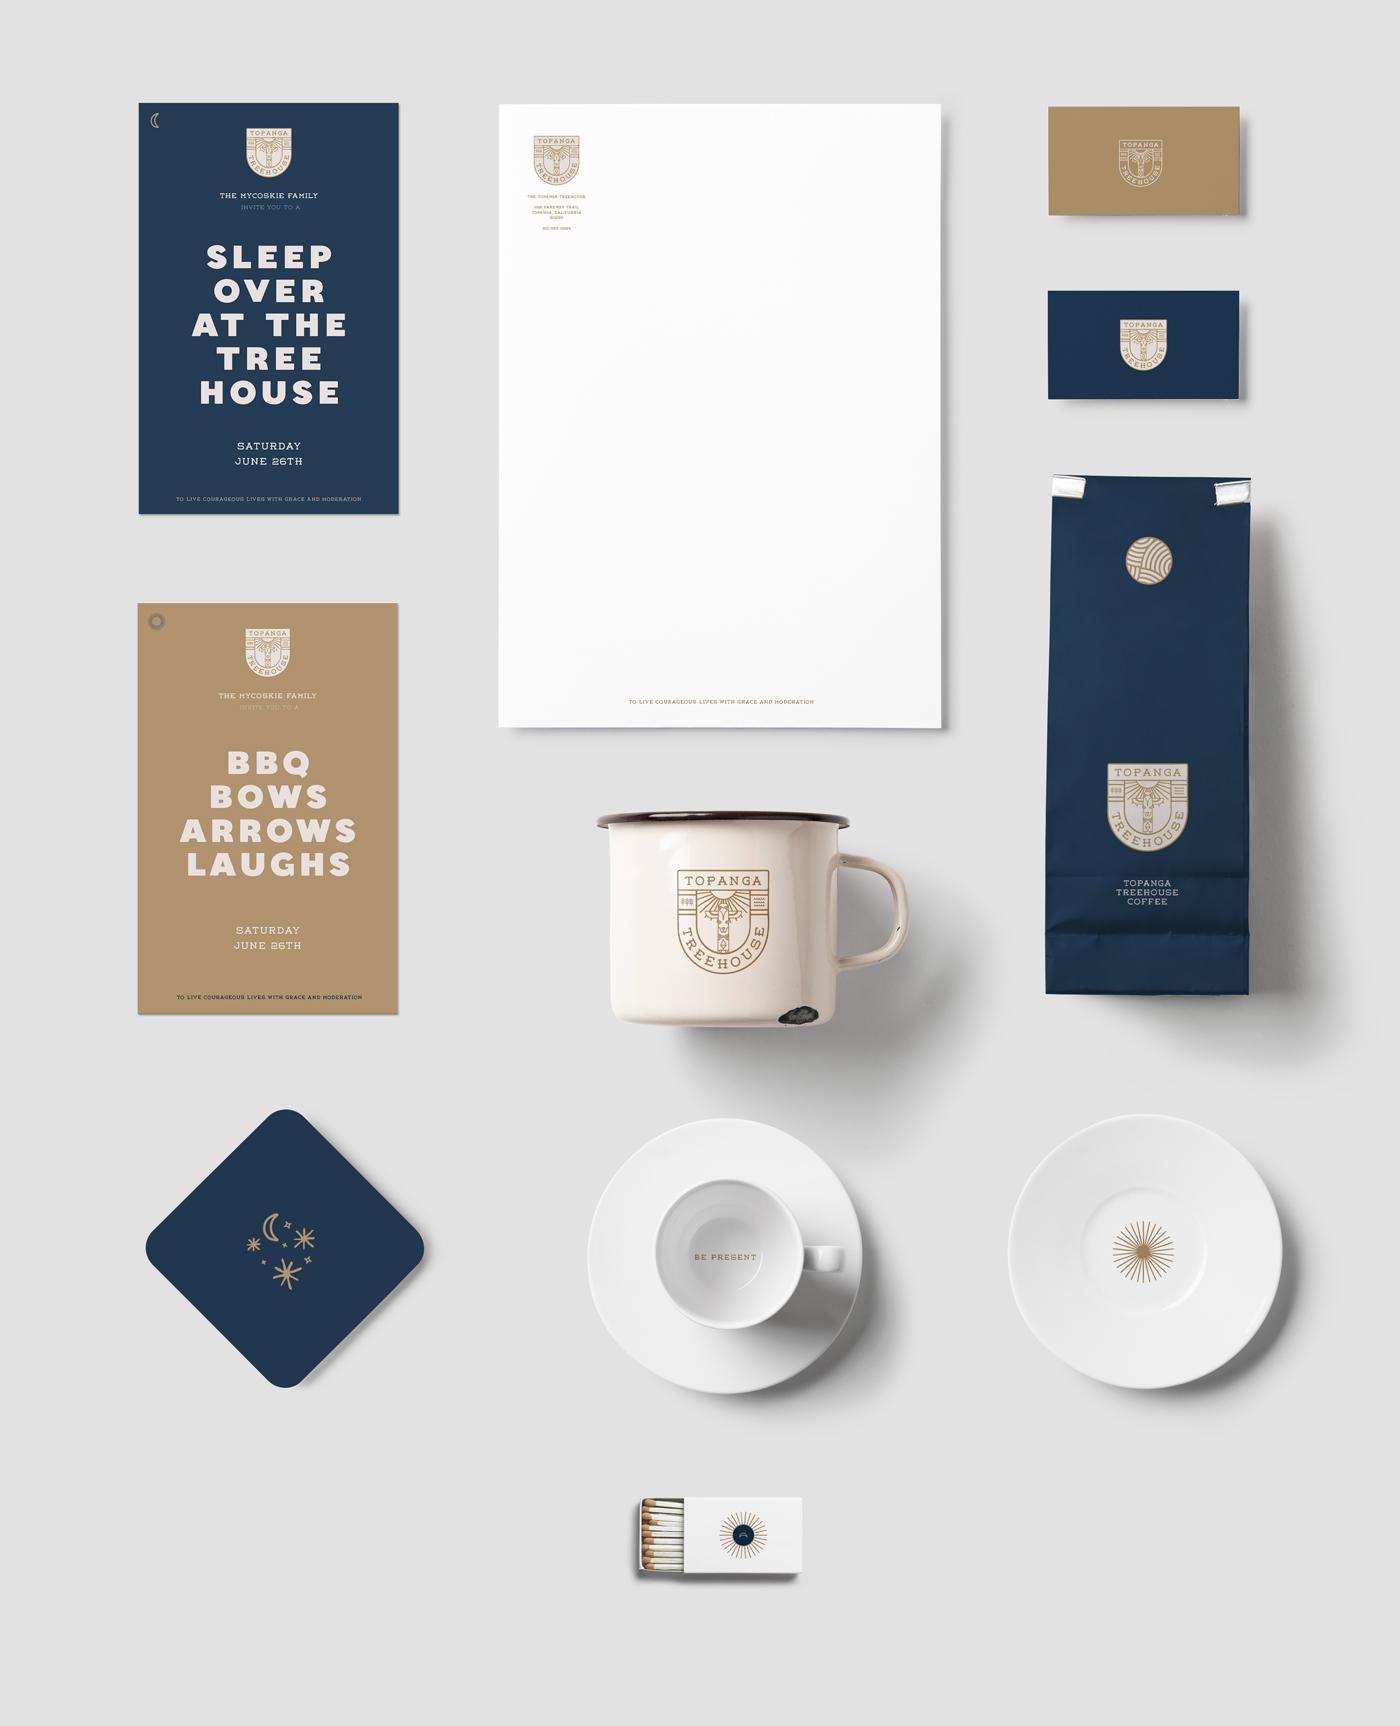 leo-basica-design-leo-basica-branding-brand